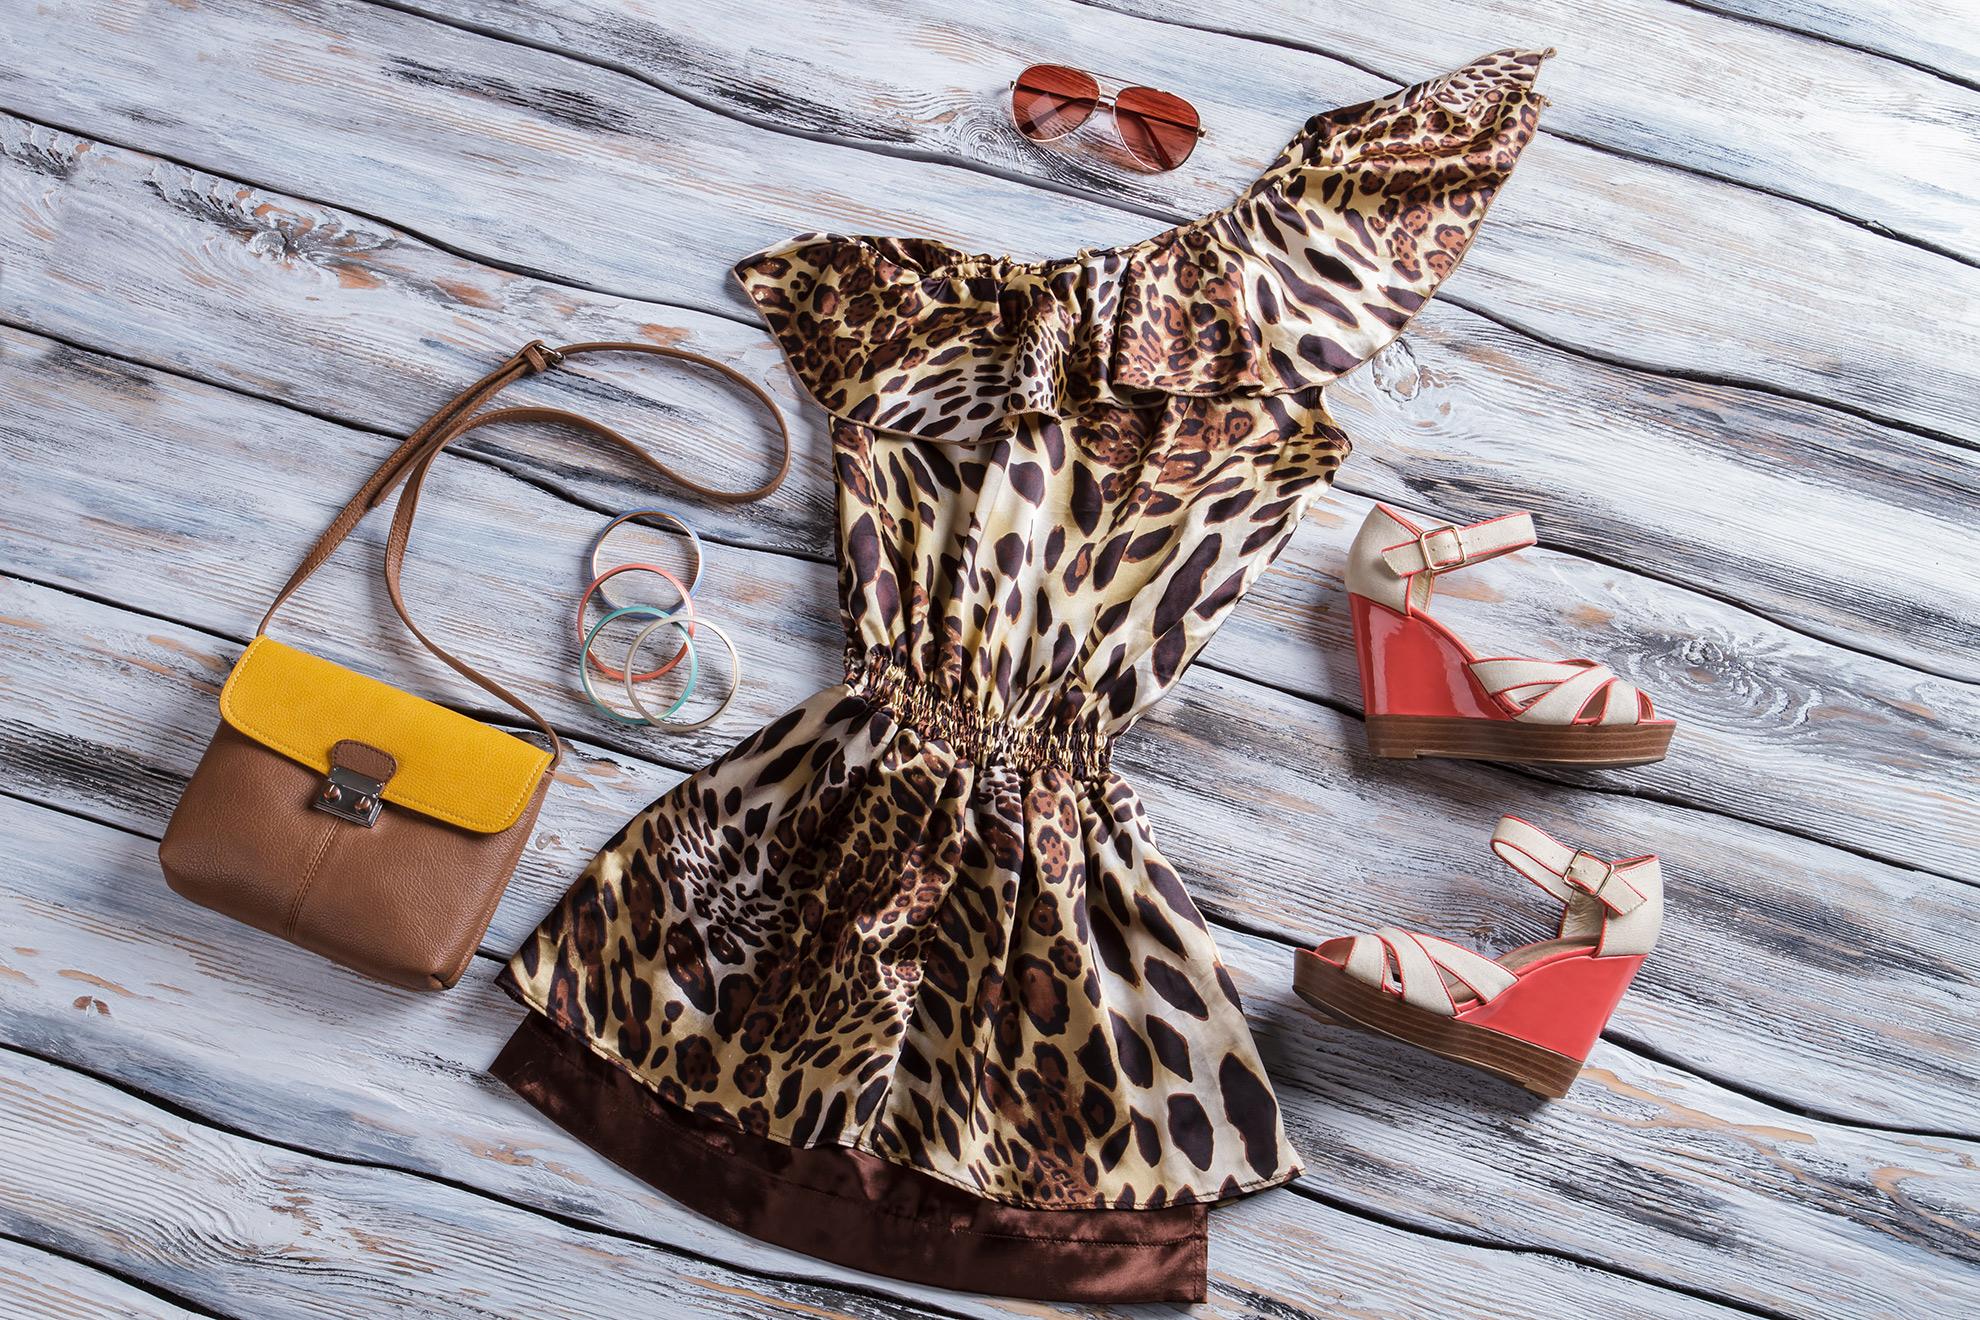 Letnia stylizacja z modnymi sandałami, ilustracja do artykułu o najmodniejszych sandałach